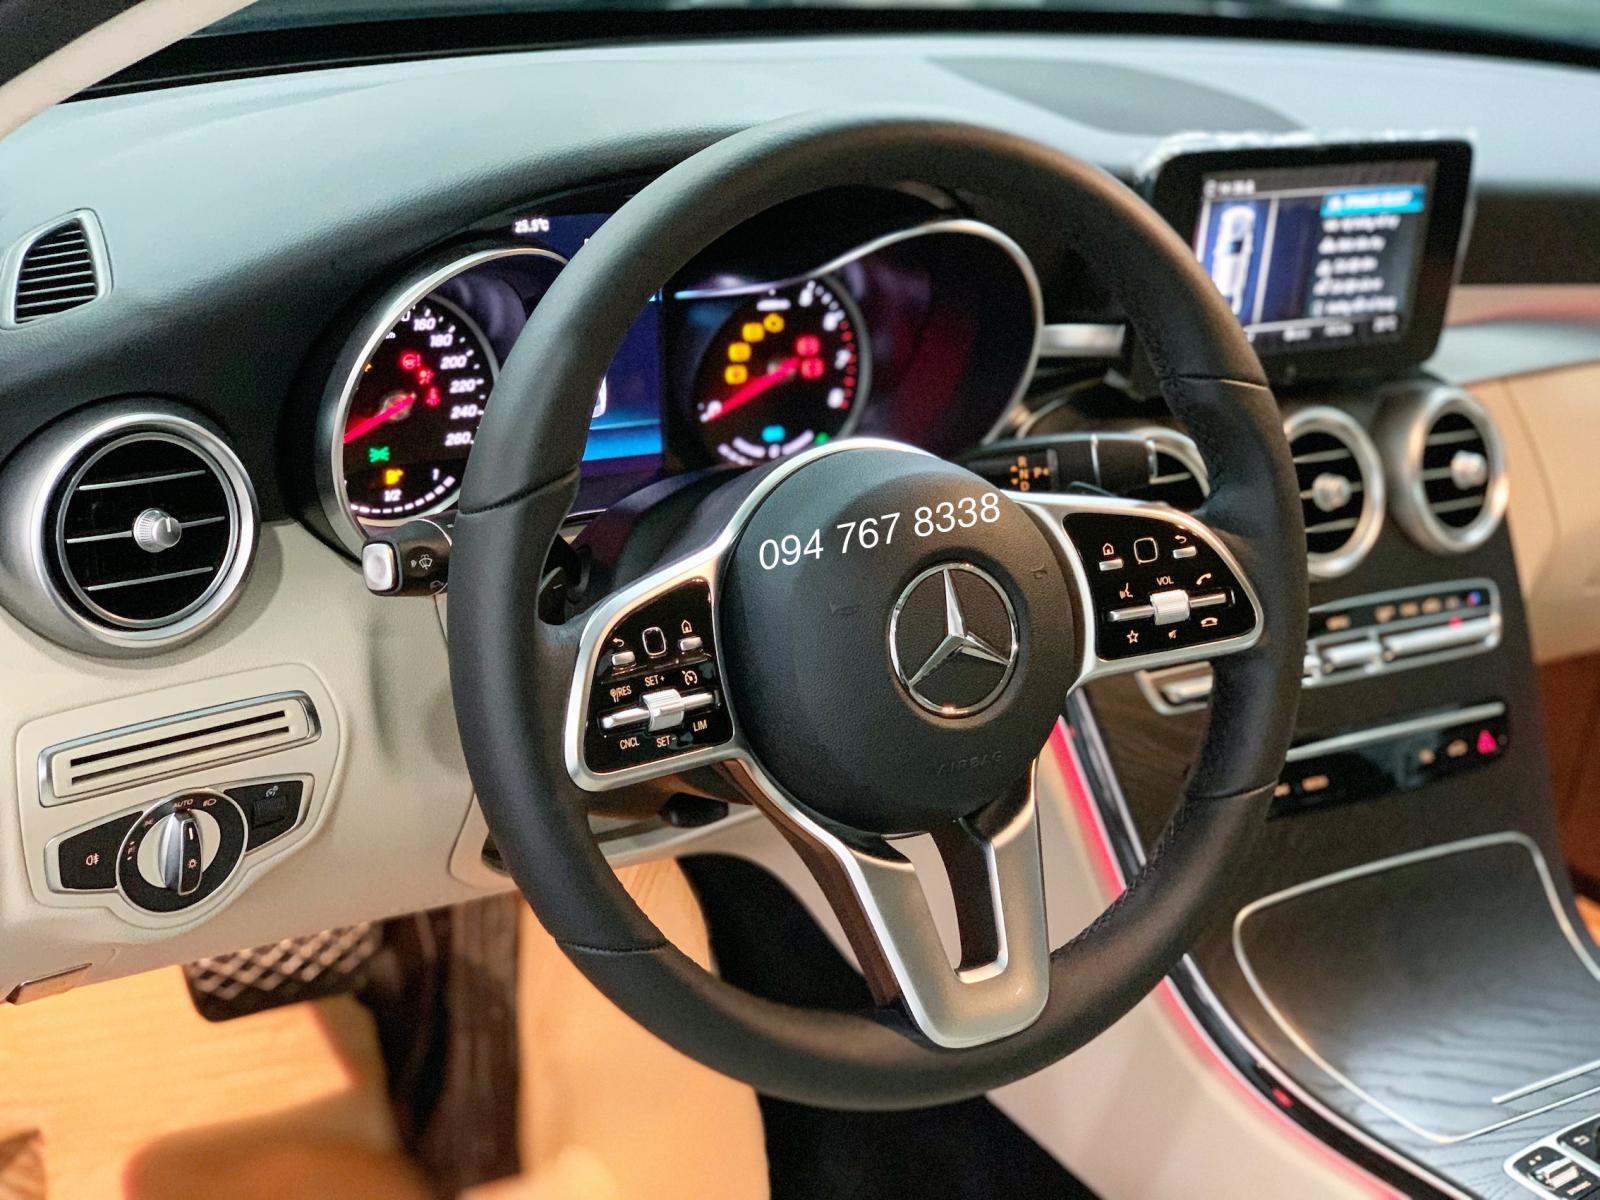 Cần bán Mercedes C200 2019 màu Xanh chính chủ biển đẹp giá cực tốt